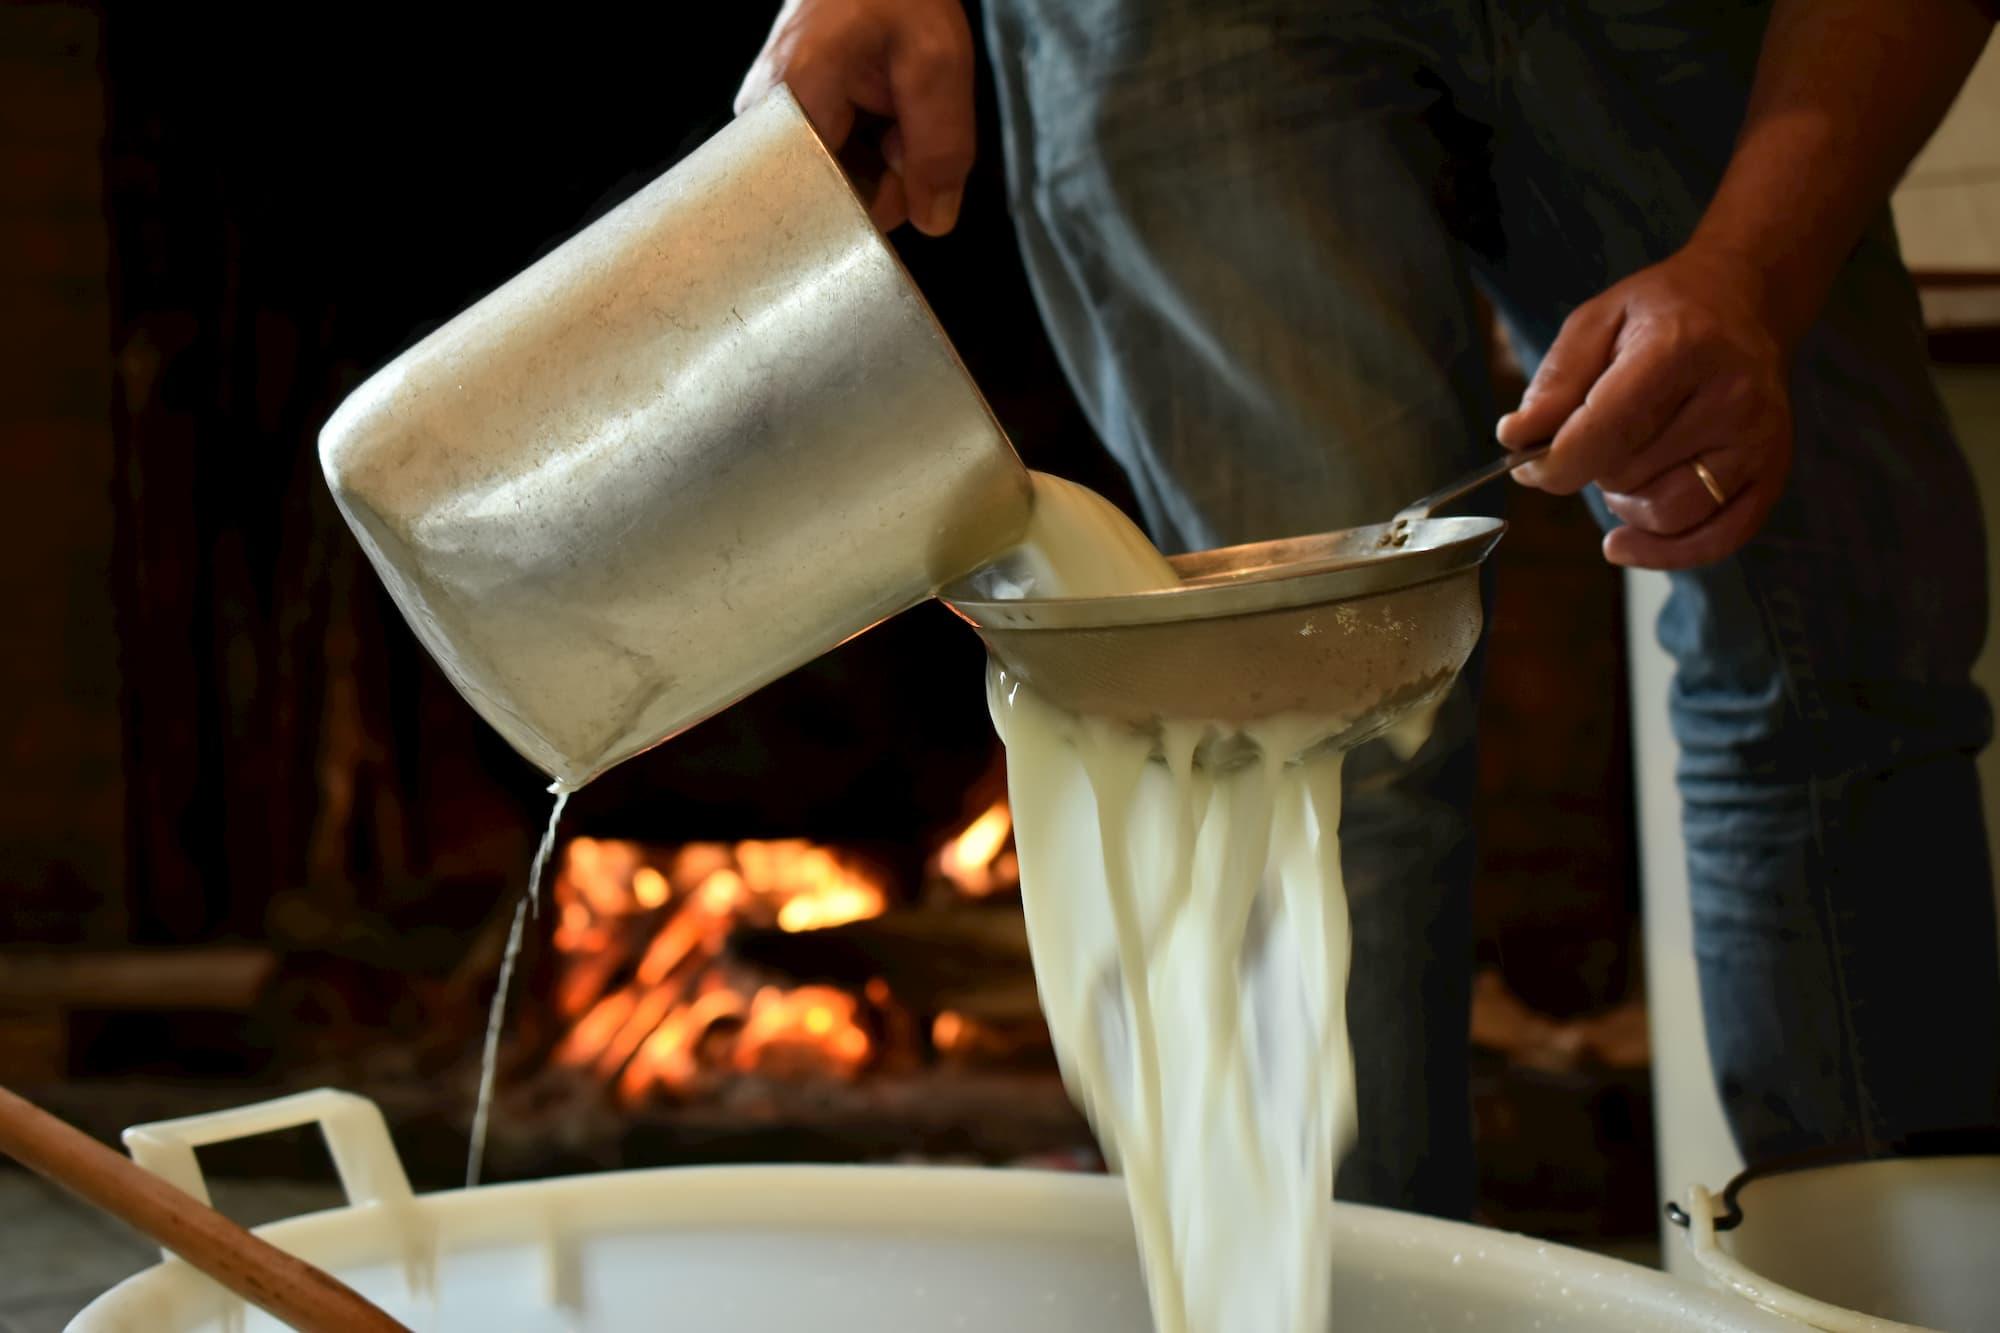 チーズ工房に運ばれた搾乳を終えた生乳